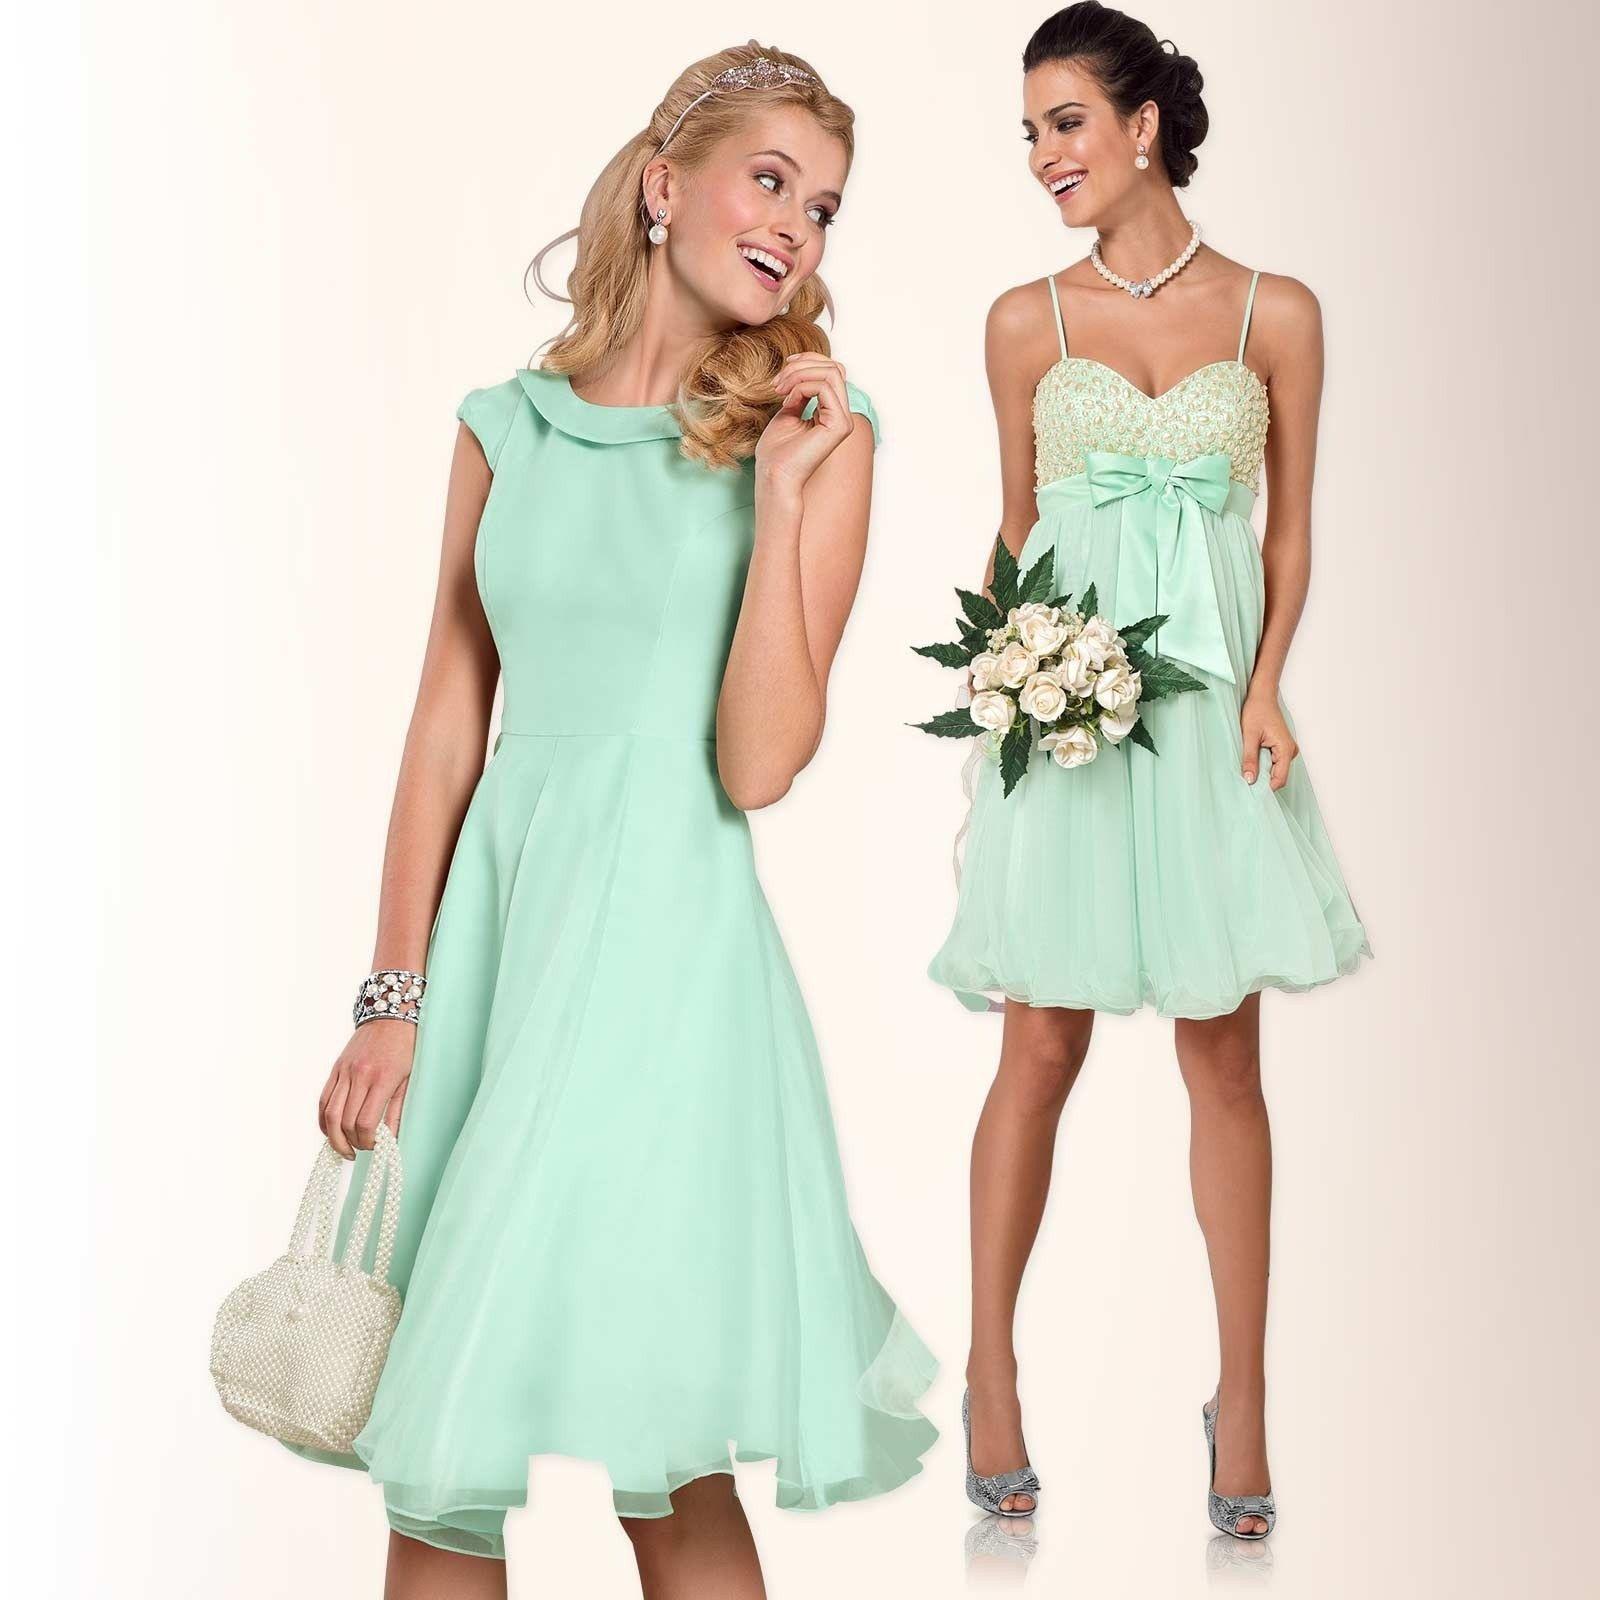 Eindrucksvolle Kleider Hochzeit Bilder | Kleid Hochzeit